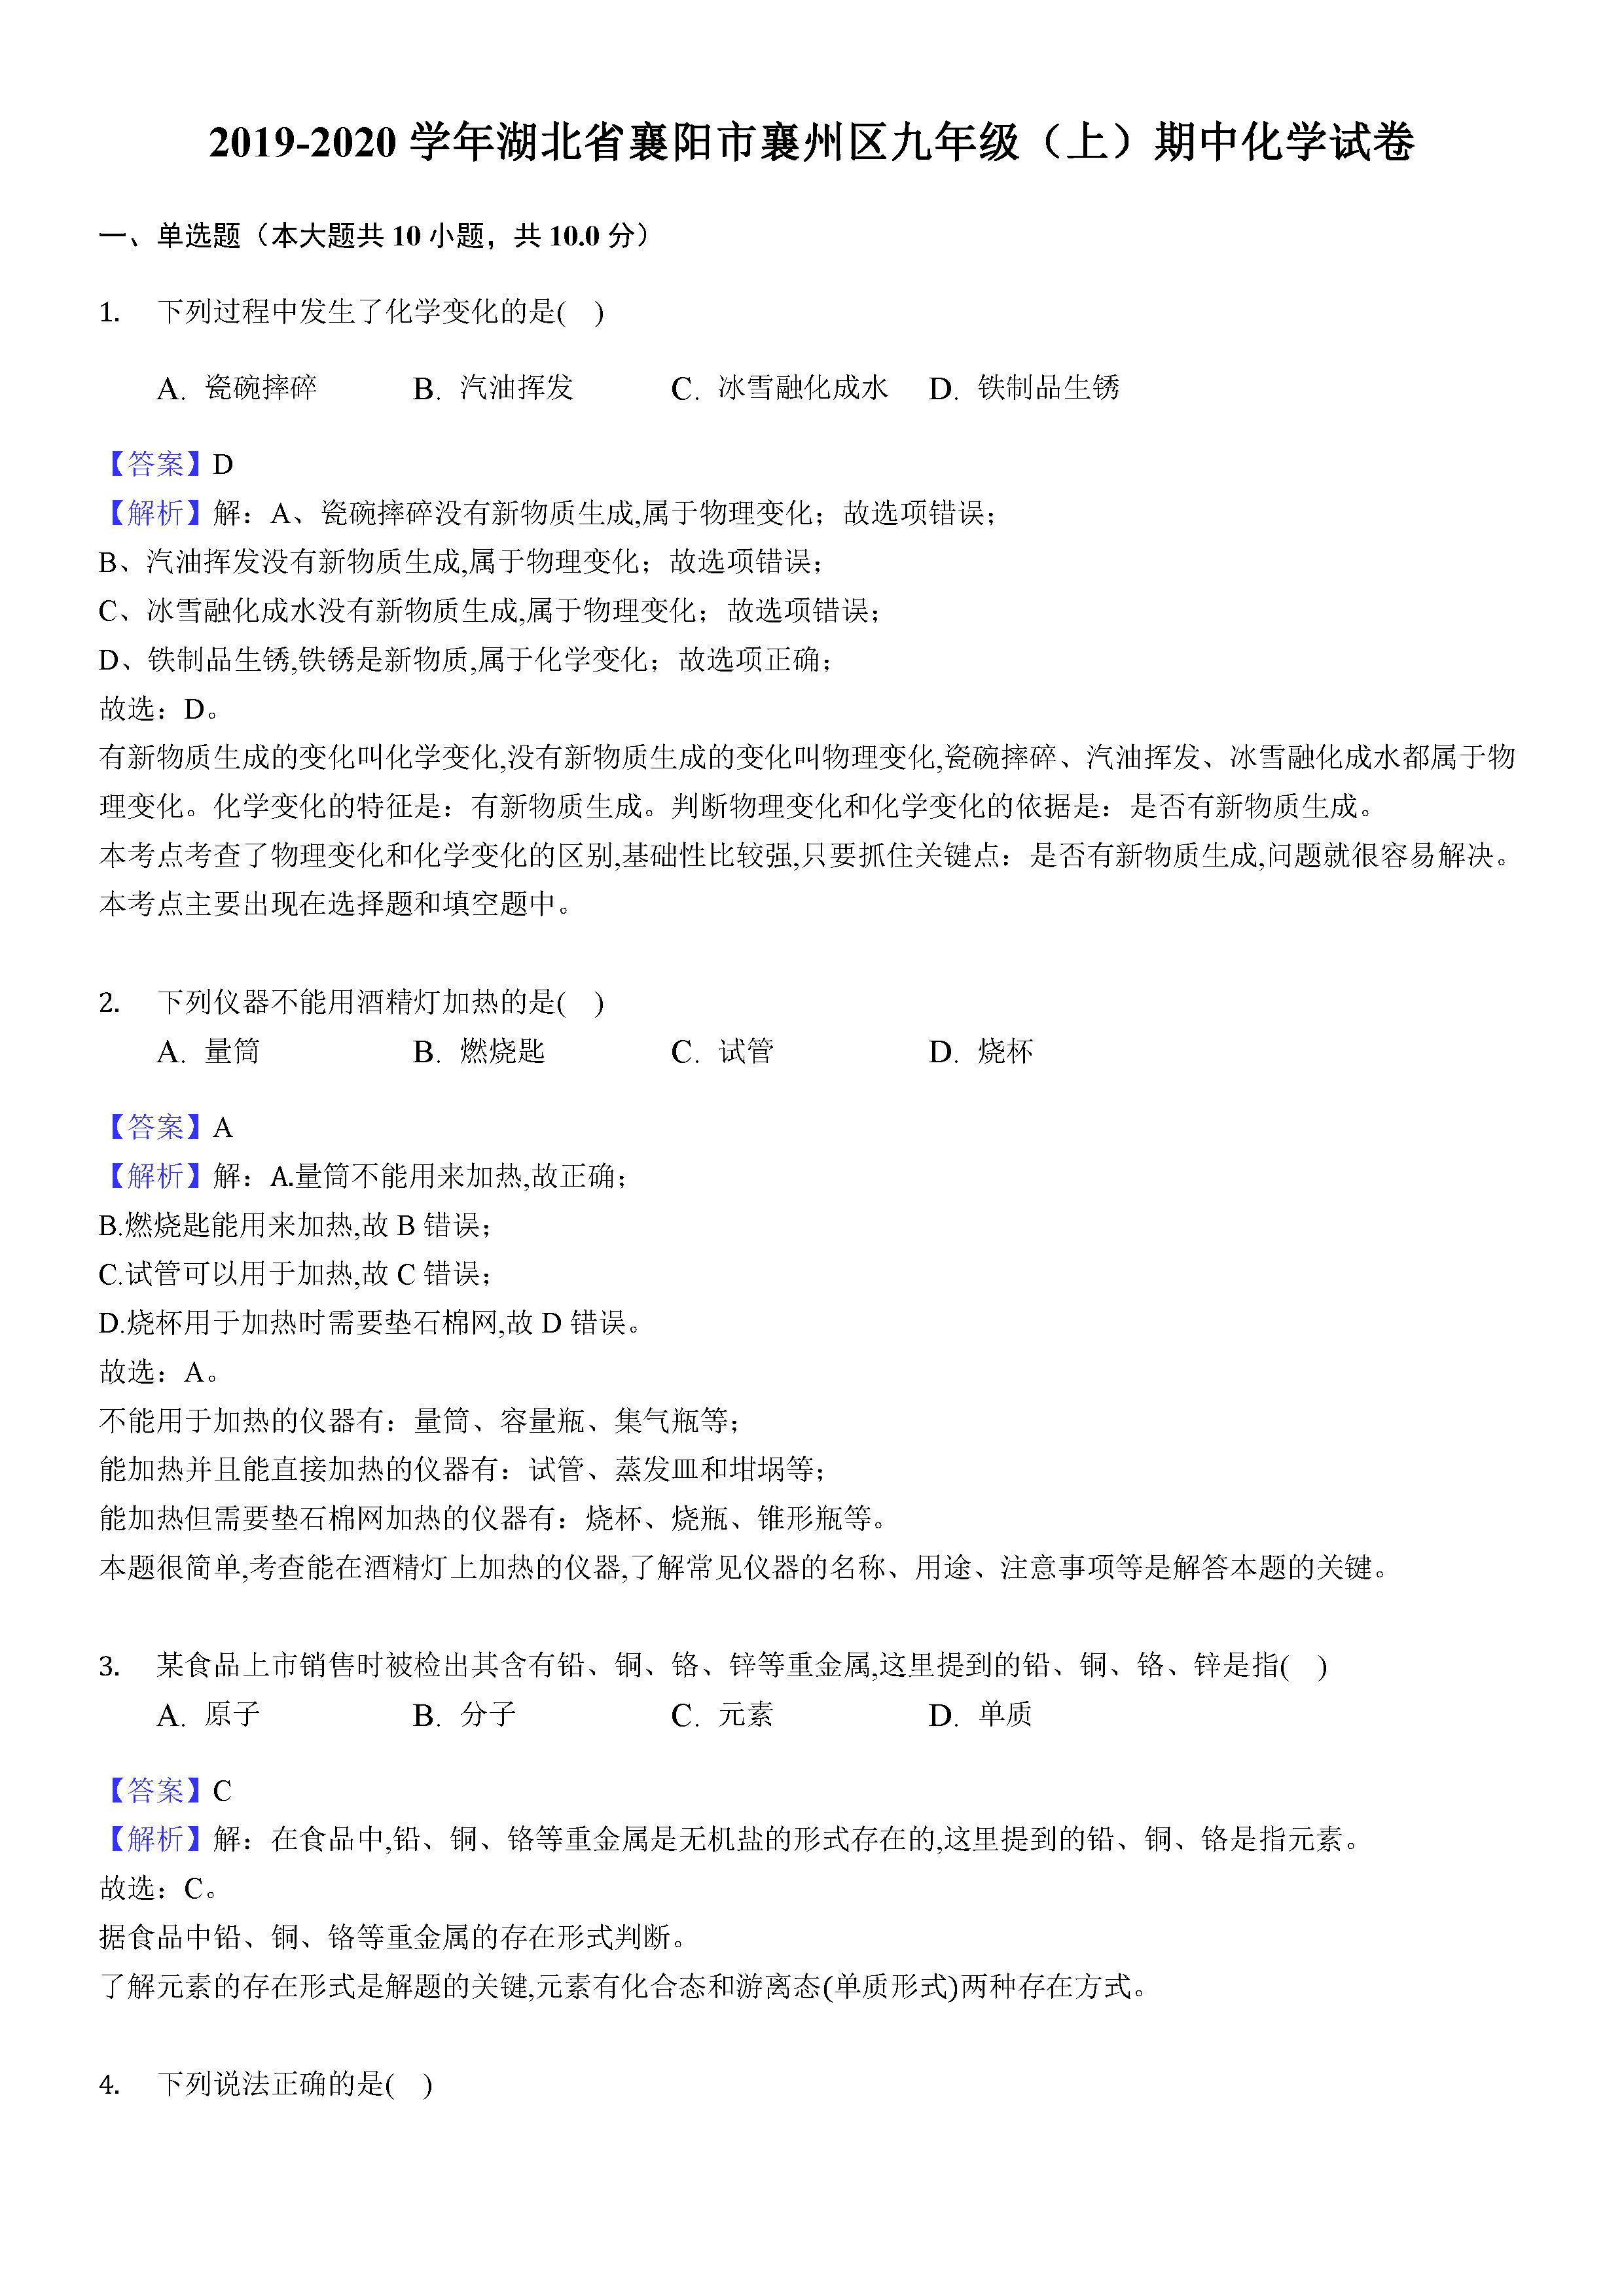 2019-2020襄阳襄州区初三期中化学模拟试题及答案(PDF下载版)